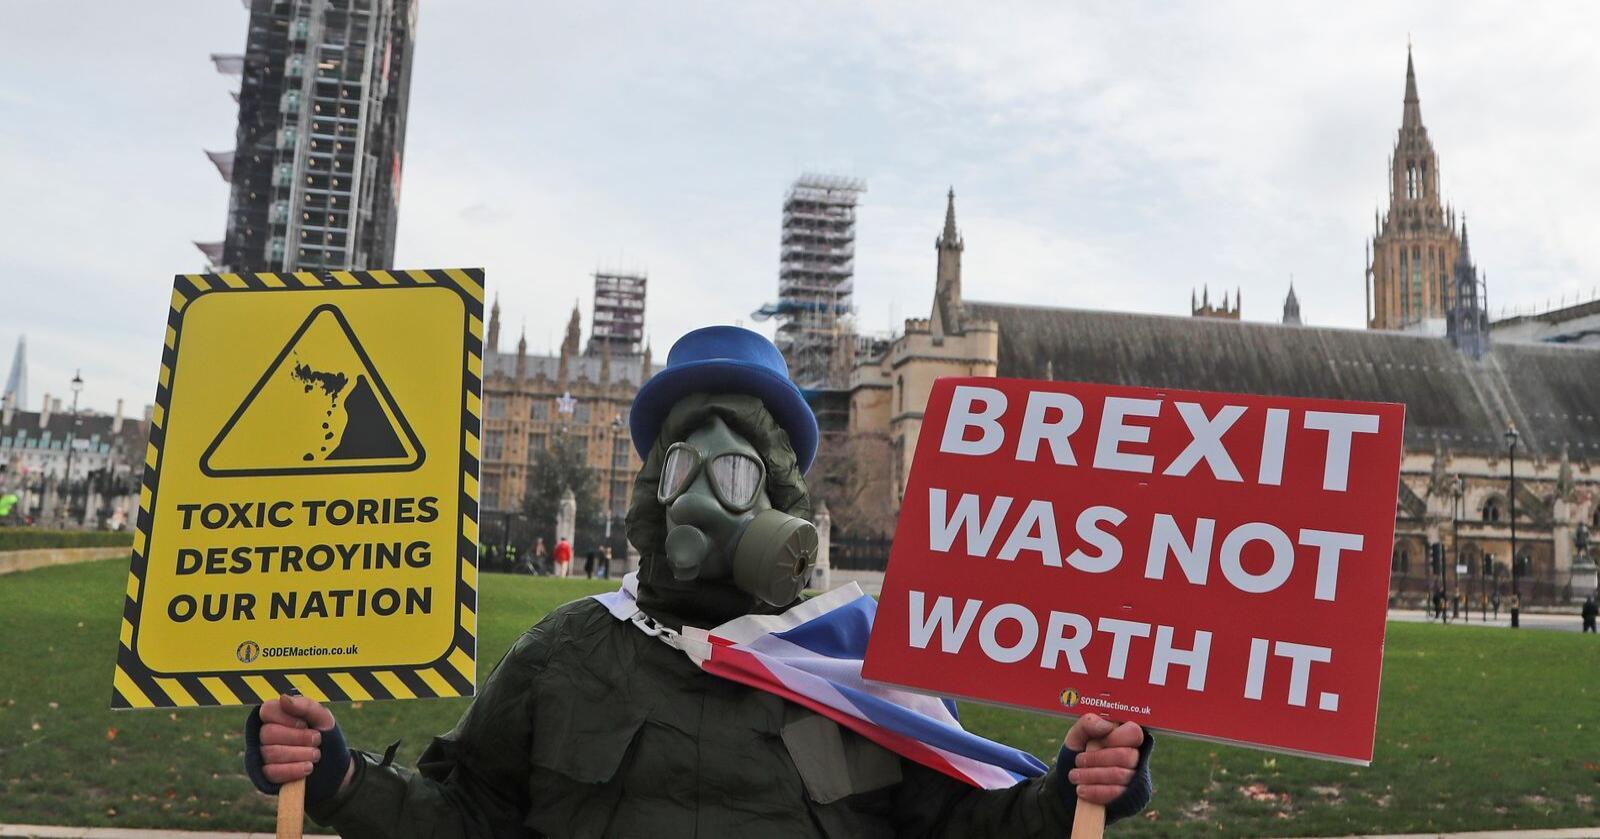 Mister fordeler: Britene mister fordelene ved EU-medlemskapet. Verken handelsavtalen eller WTO redder dem fra de nye handelshindringene. Foto: Frank Augstein / AP / NTB